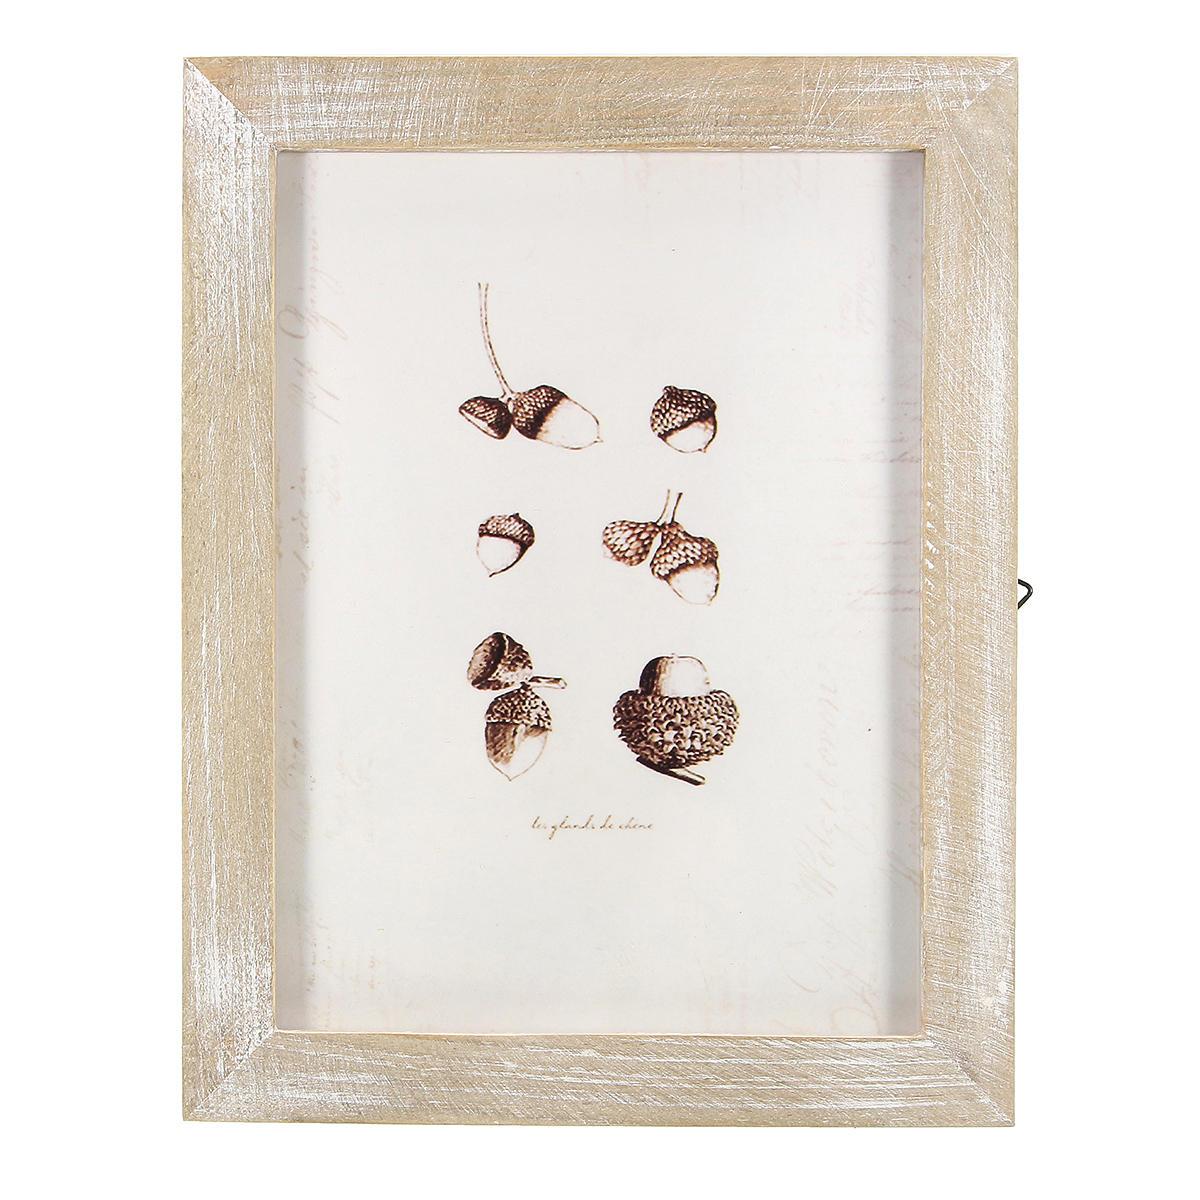 23x18cm / 19x14cm vendimia marco de fotos de madera maciza colgante de pared decoración de la habitación shabby chic